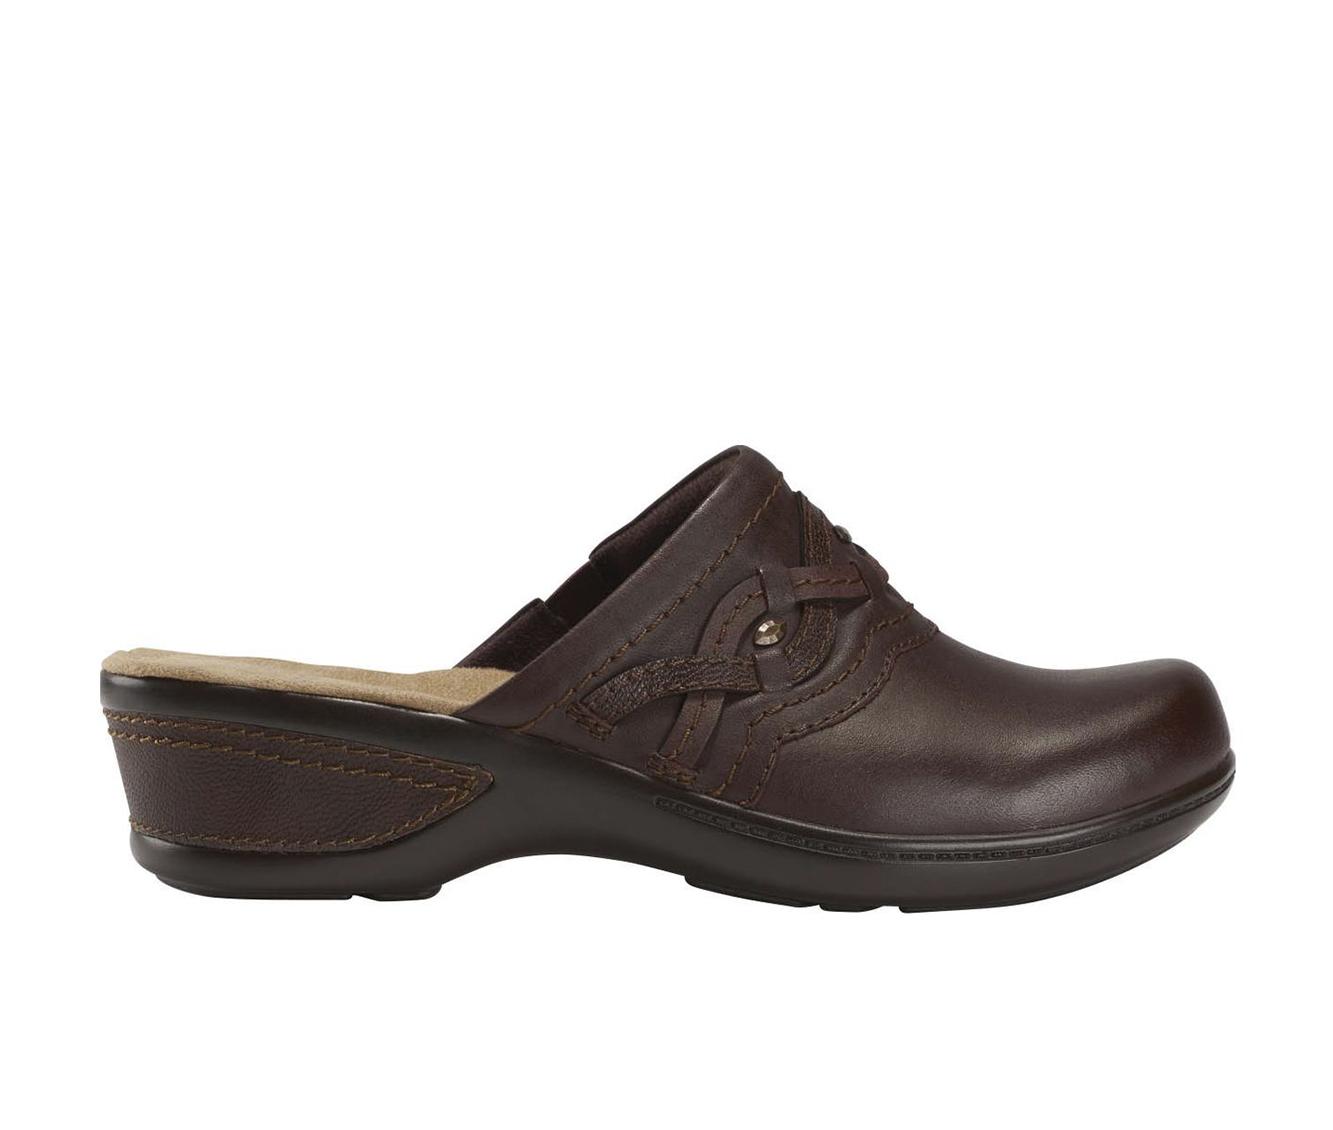 Earth Origins Jackal Janice Women's Shoe (Red Leather)